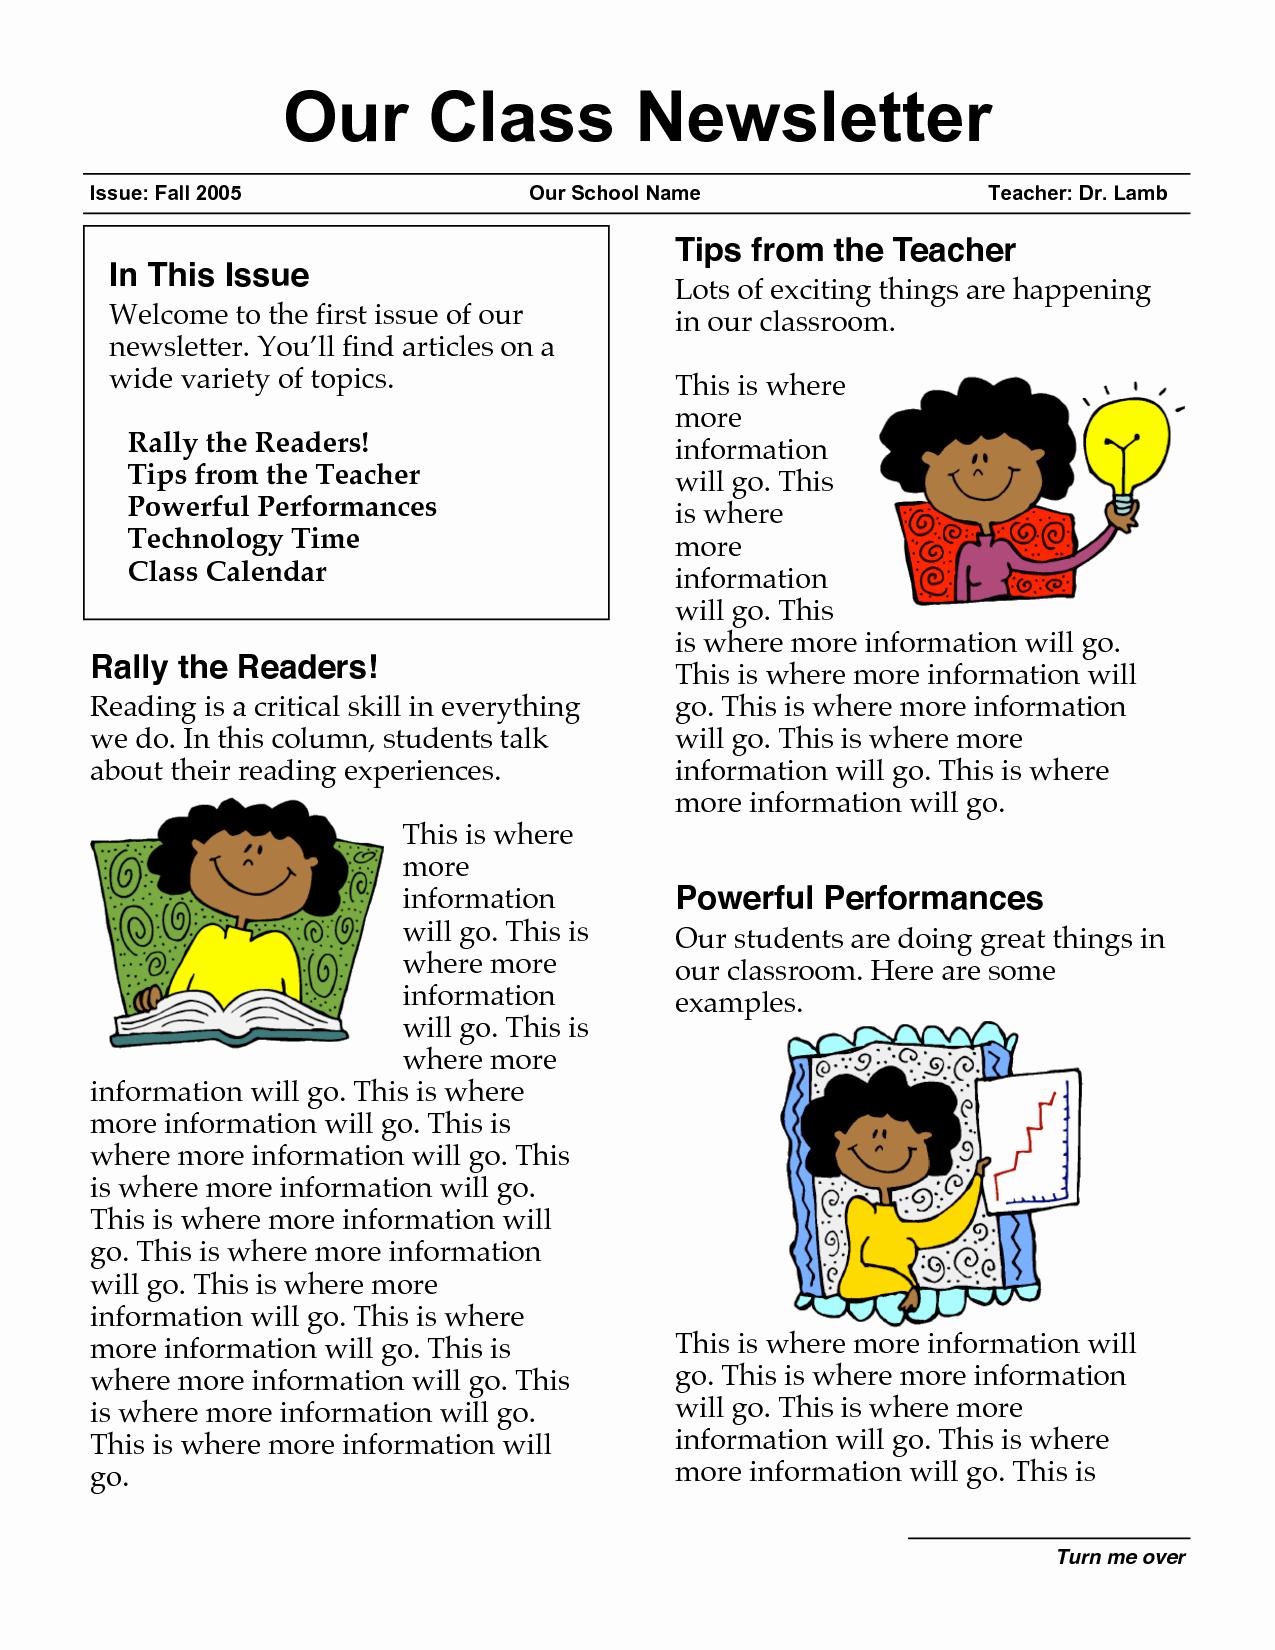 News Letter Templates for Teachers Fresh Newsletter Templates for Teachers